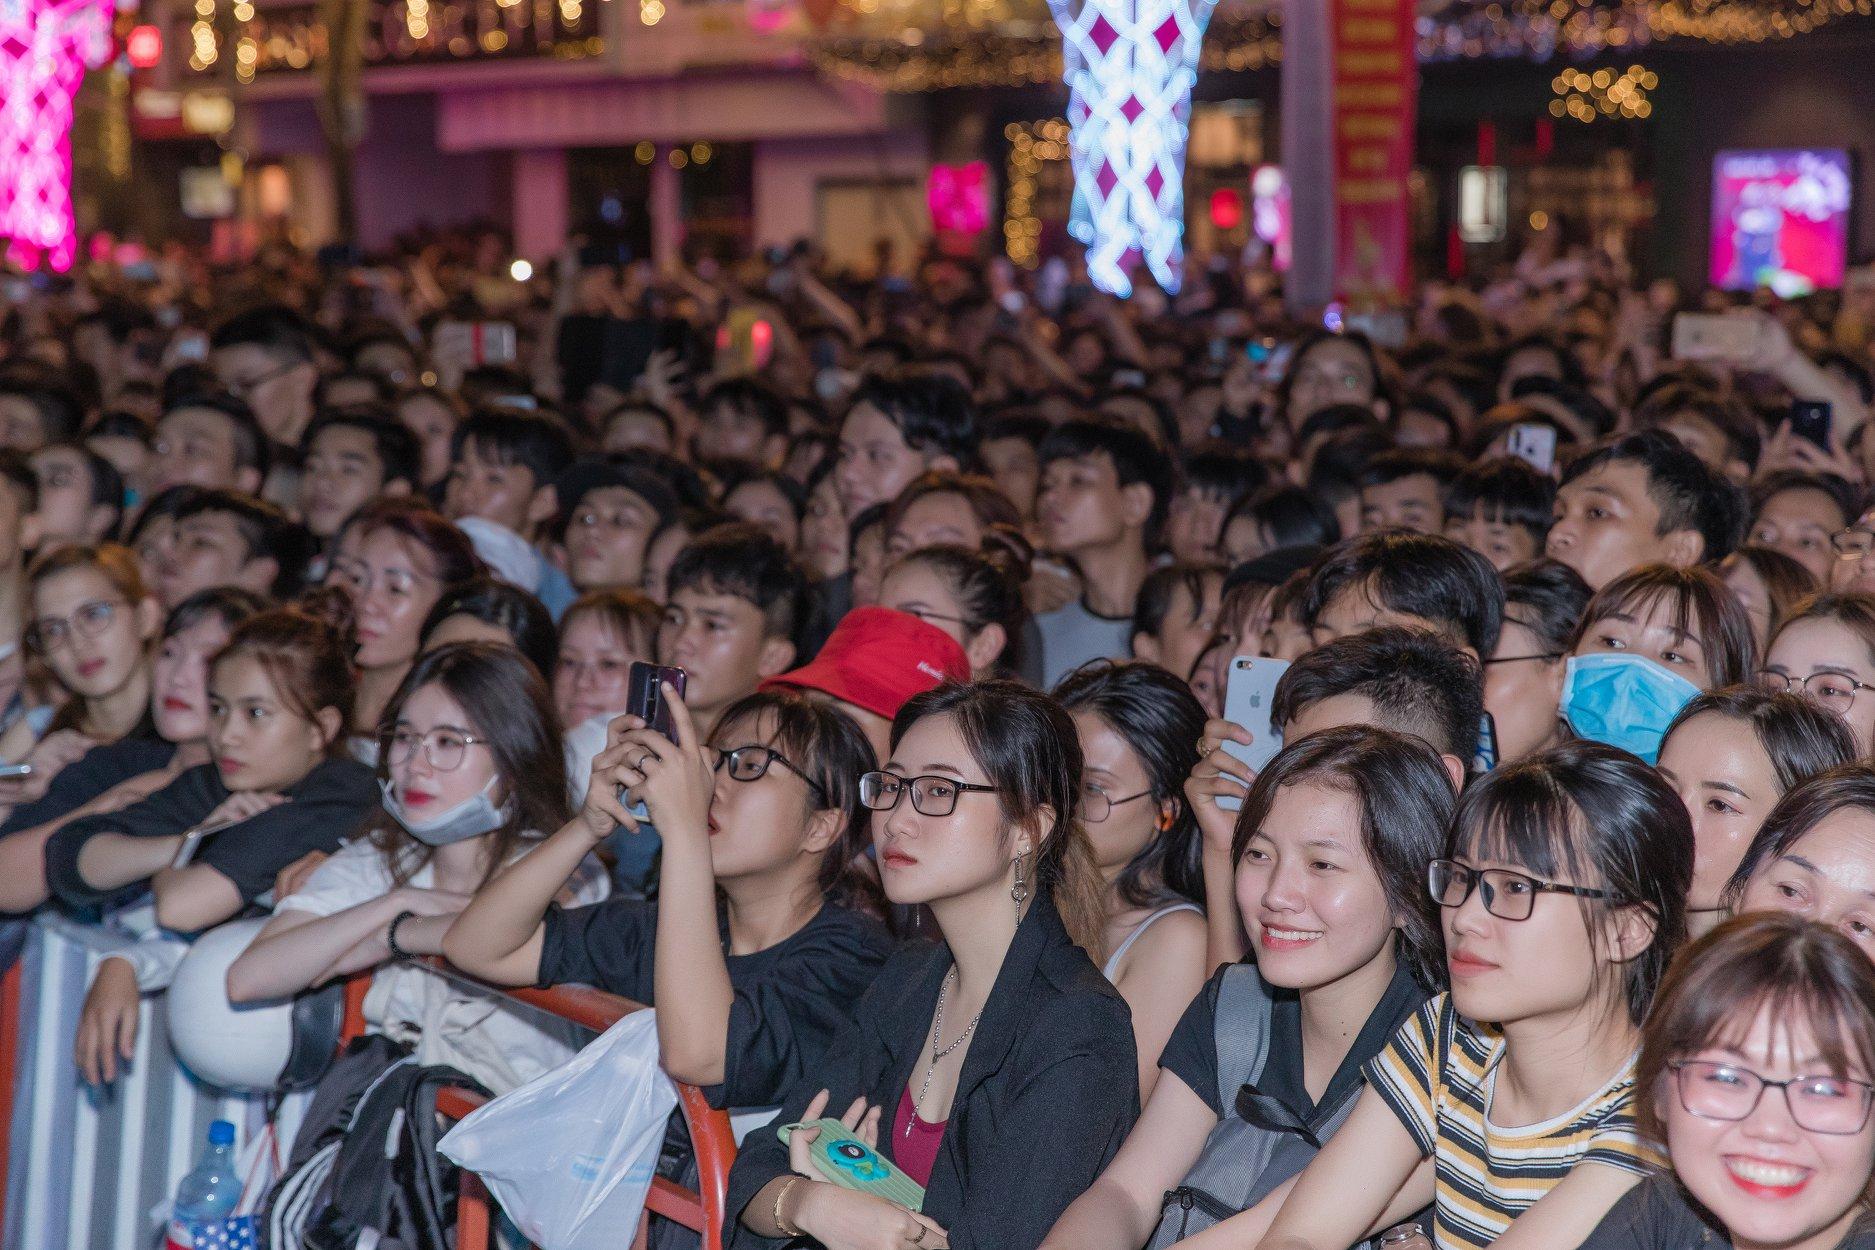 Phan Mạnh Quỳnh lần đầu hát live 'Đi để trở về 4' trước hàng chục ngàn khán giả tại New Year Countdown 2020 - Ảnh 4